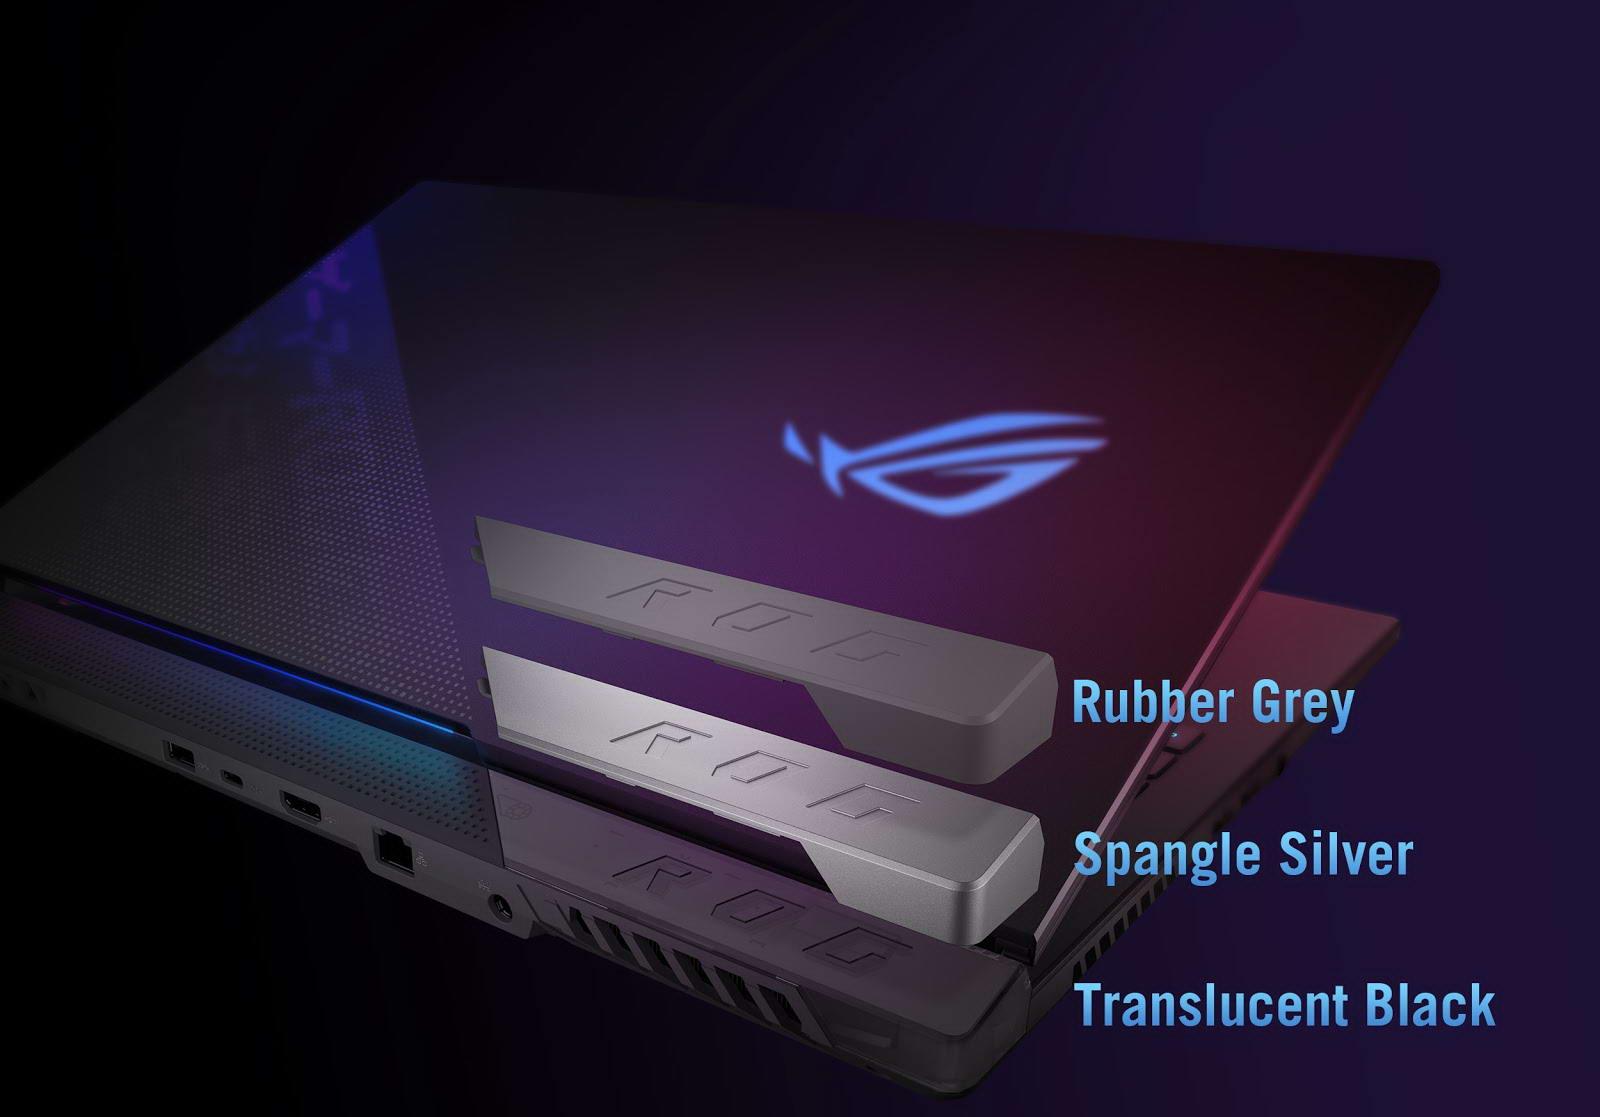 Asus Gaming ROG Strix Scar G533QR rgb